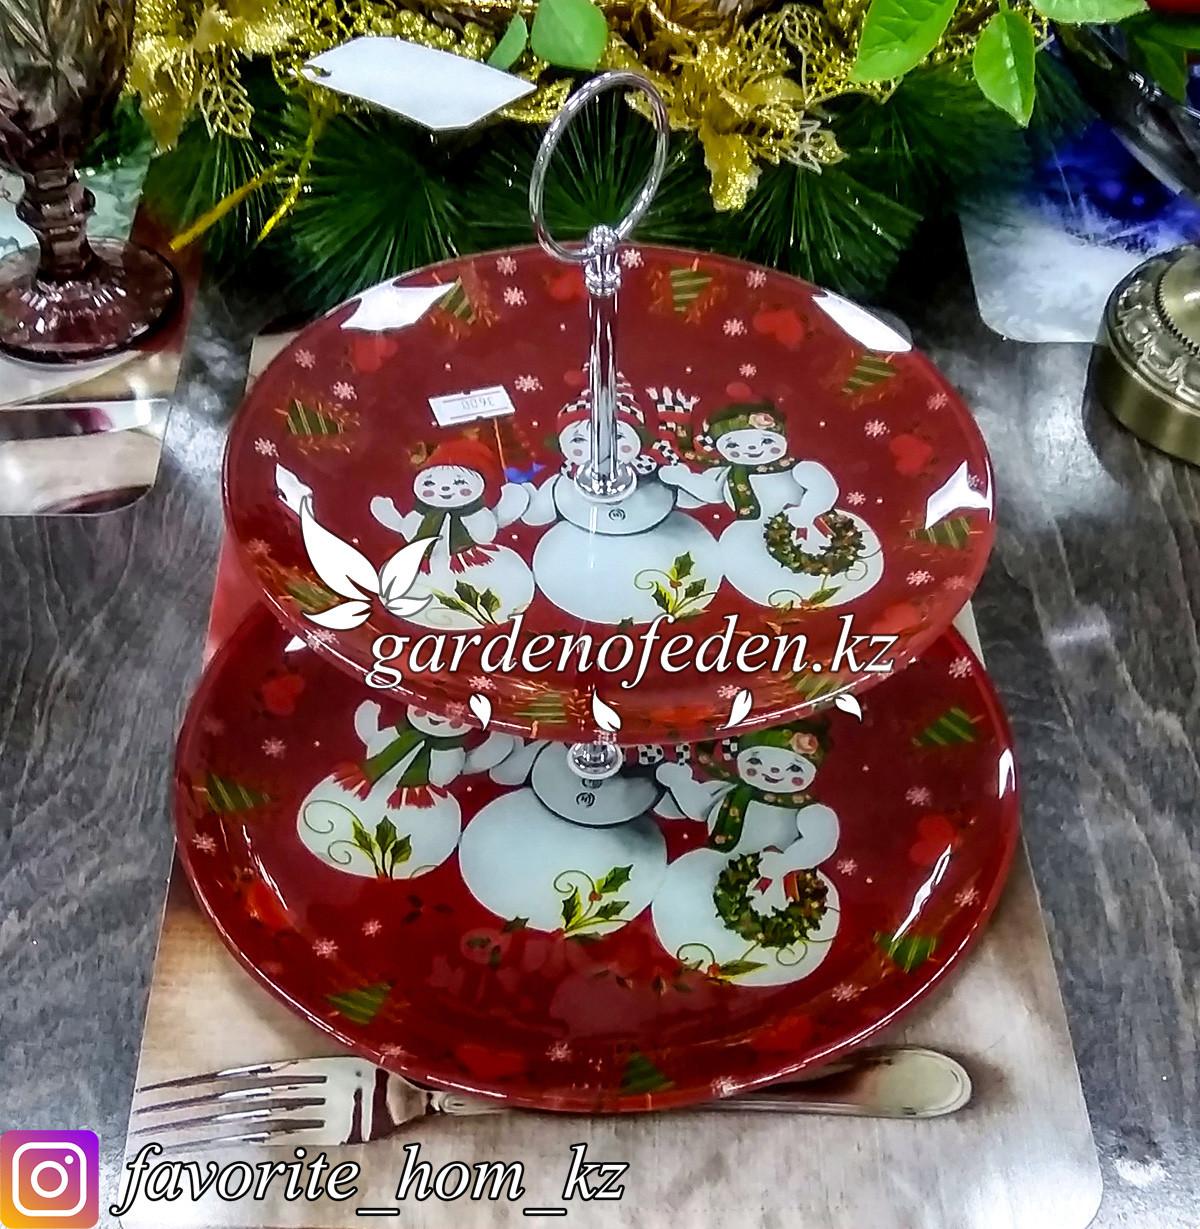 Блюдо двухъярусное, c новогодним декором. Цвет: Бордовый. Материал: Стекло.